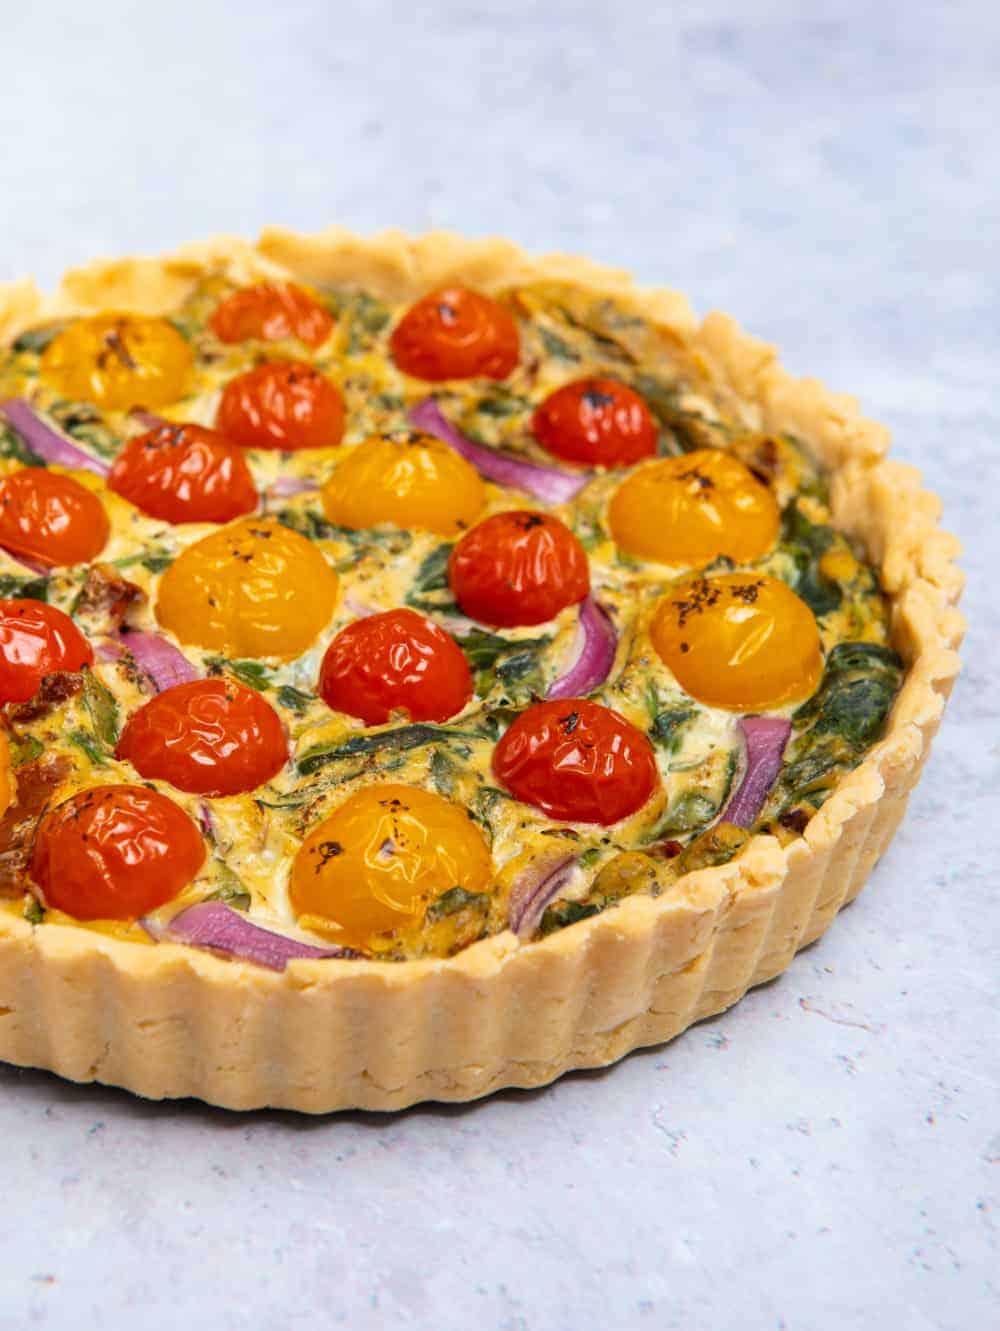 Gluten Free & Vegan Quiche pastry